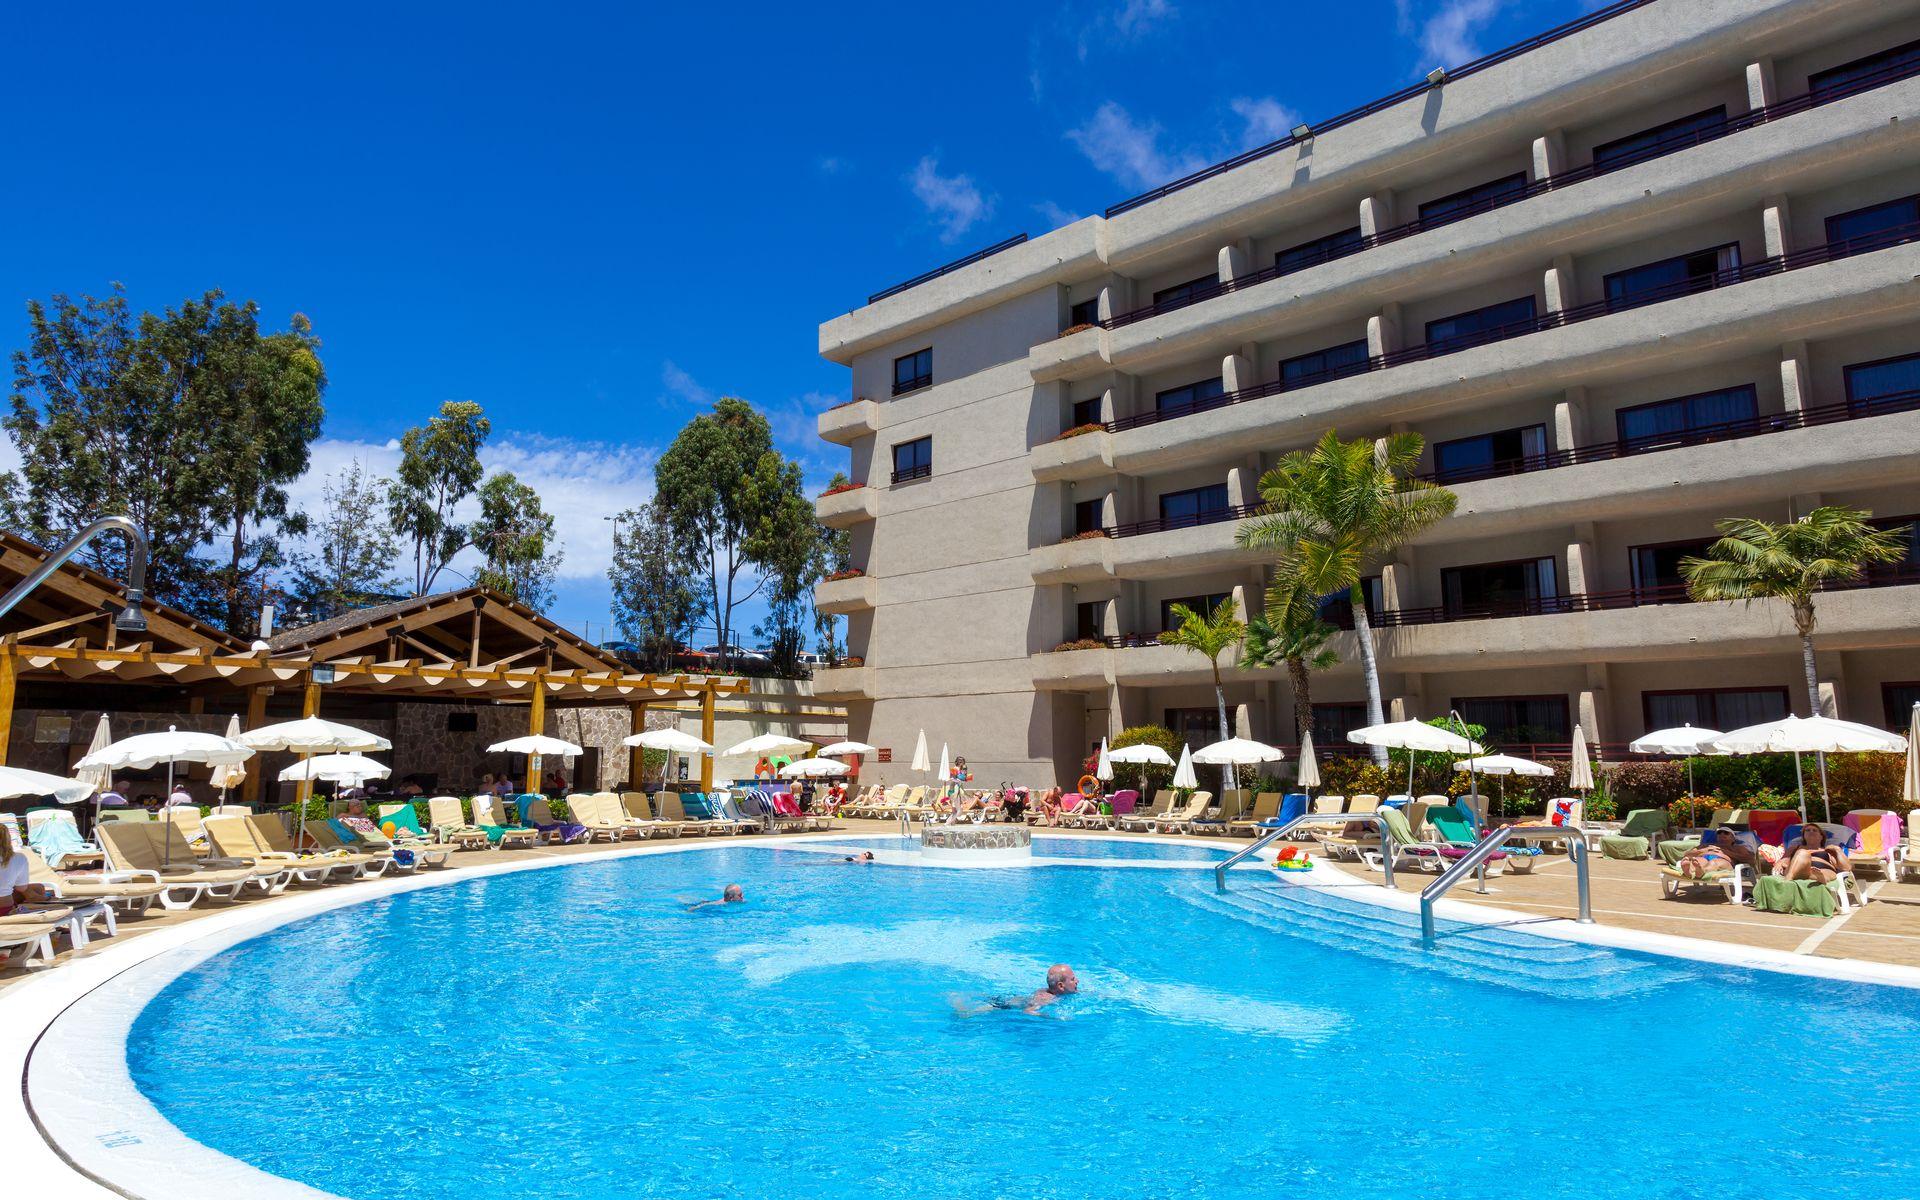 Hotel fa abe costa sur en costa adeje tenerife desde 43 for Piscinas publicas en el sur de tenerife